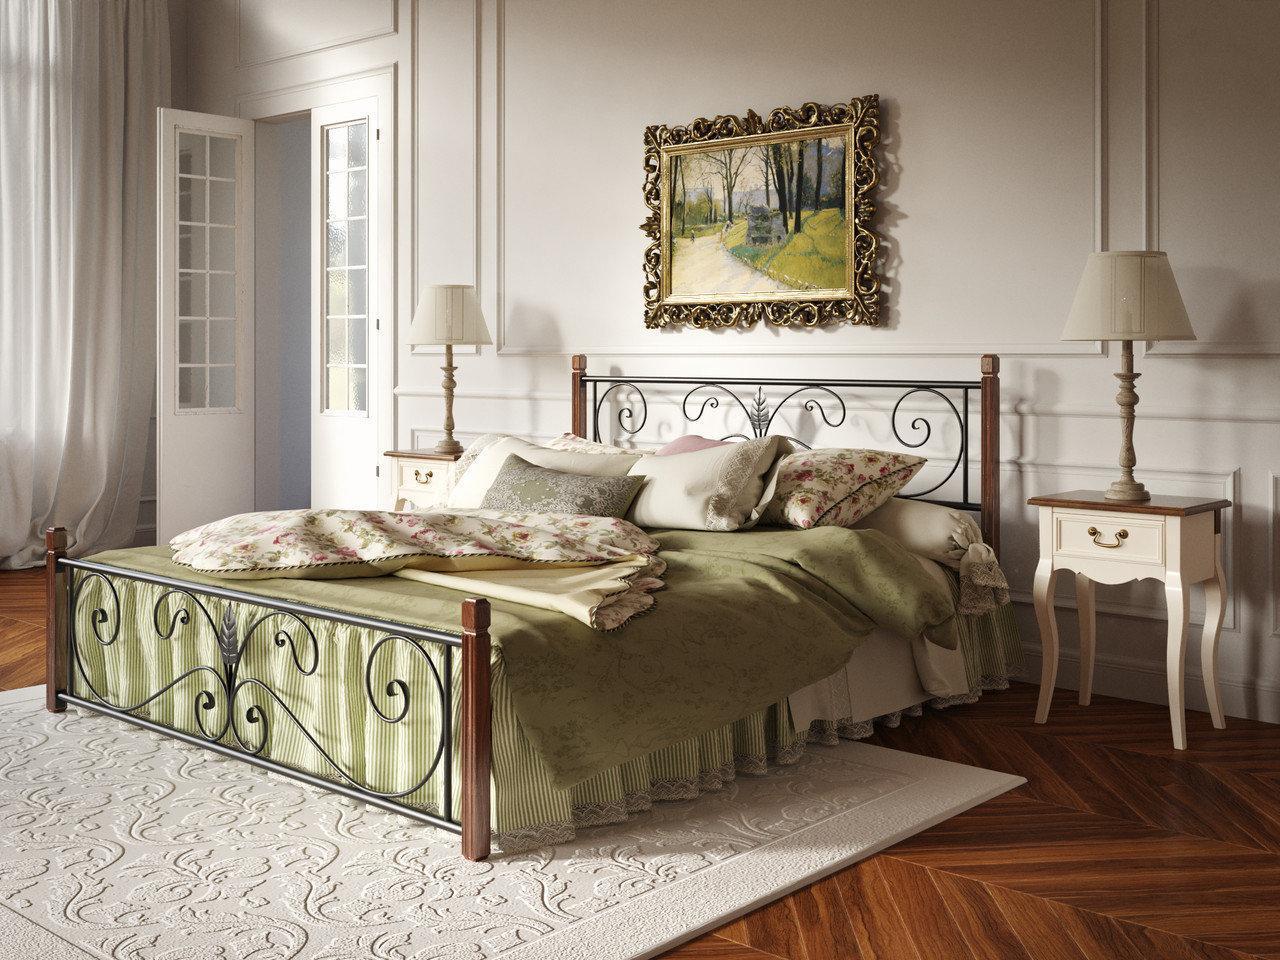 Металлическая кровать Кронус на деревянных ножках